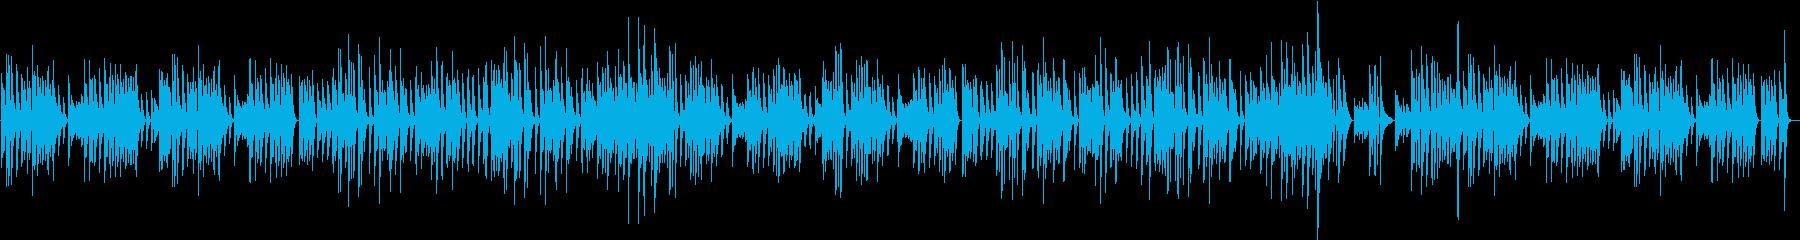 料理動画に♪穏やかで優しいピアノBGMの再生済みの波形